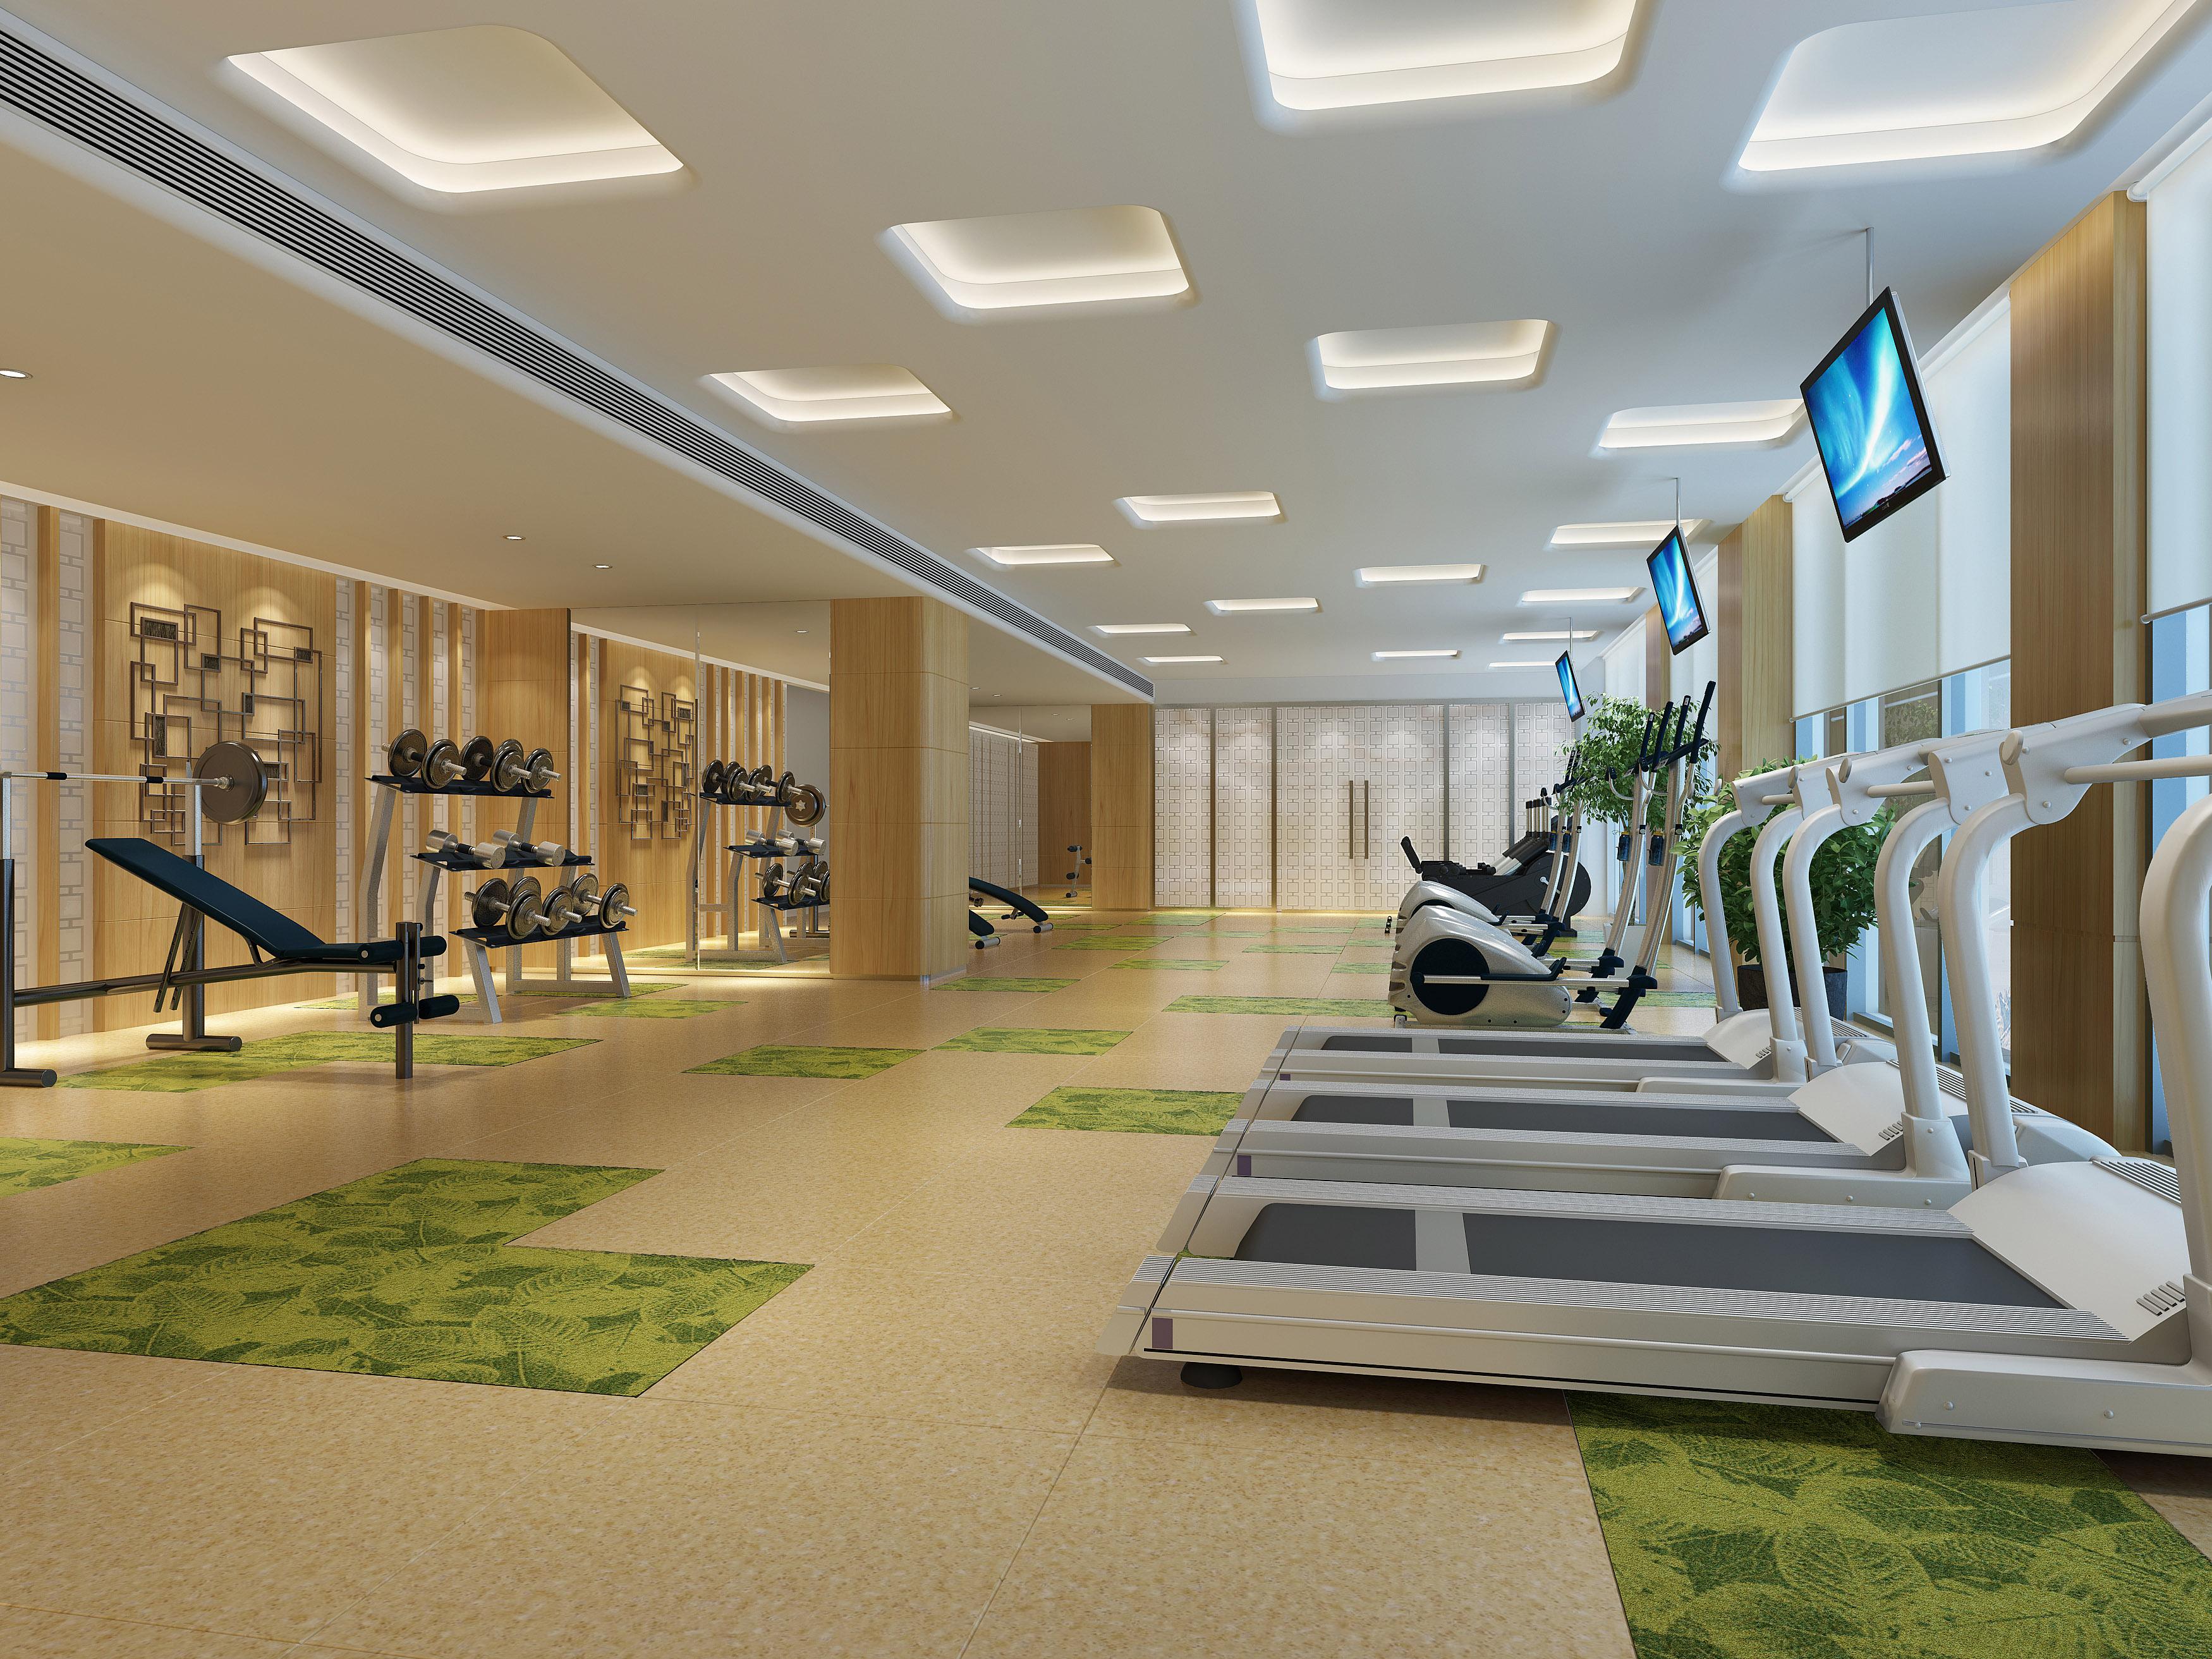 温州洲亿酒店健身房是专业健身的场所。有齐全的器械设备,较全的健身及娱乐项目,有专业的教练进行指导以及良好的健身氛围。 在洲亿国际大酒店健身房不仅能锻炼肌肉,让身材更有形,也能认识很多新朋友。 洲亿国际大酒店健身房的健身器多达近百种,但归纳起来,大致可分为三种类型: 全身性健身器械:如10项综合训练器、家用16功能健身器等; 局部性健身器械:如健身自行车、划船器、楼梯机、跑步机,以及小腿弯举器、重锤拉力器、提踵练习器等; 小型健身器械:如人们所熟知的哑铃、壶铃、曲柄杠铃、弹簧拉力器、健身盘、弹力棒、握力器等